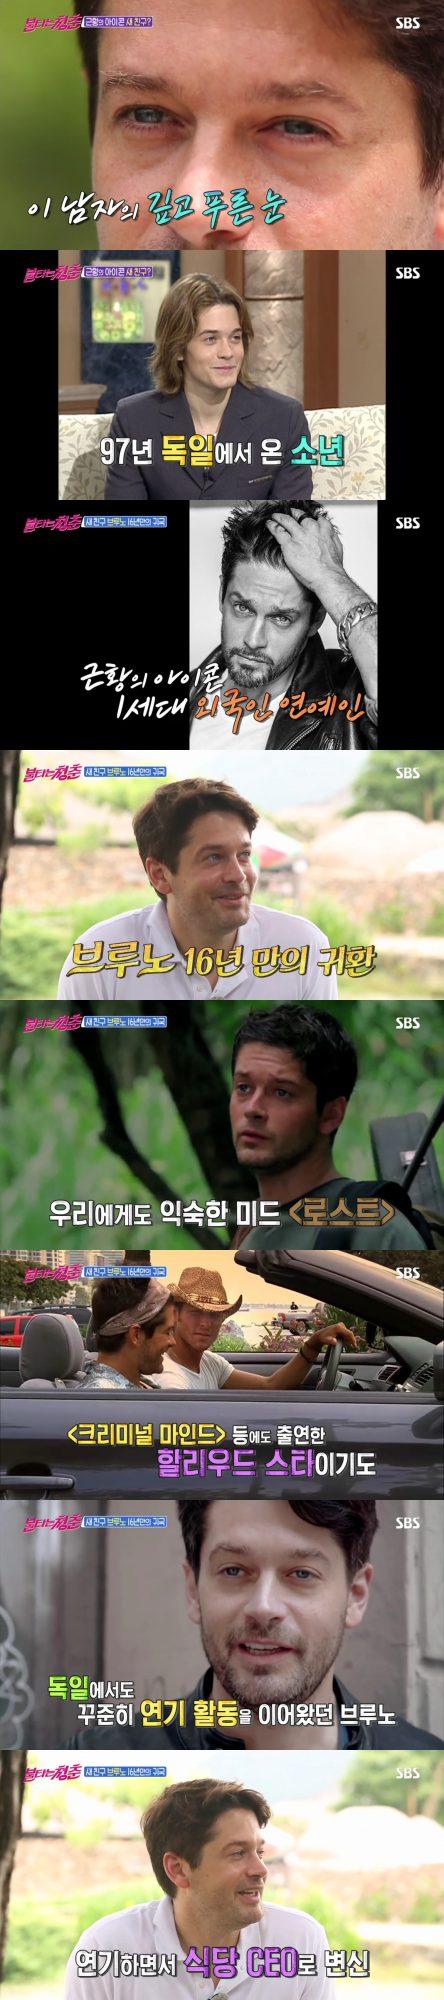 '불타는 청춘'에 새 친구로 찾아온 브루노. /사진제공=SBS